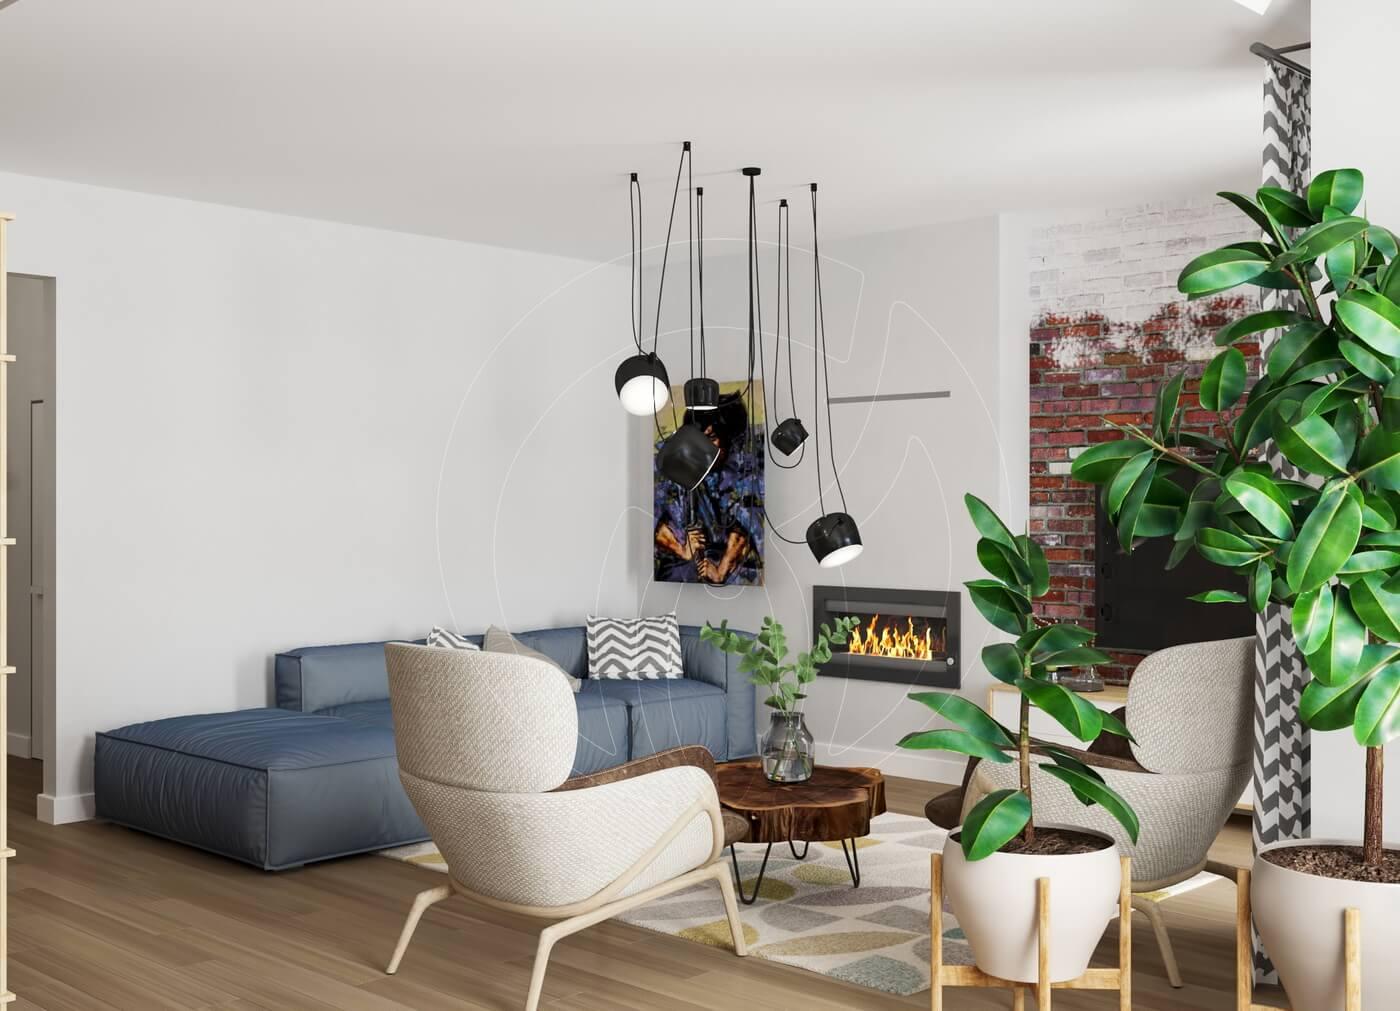 Квартира в скандинавском стиле и стиле LOFT. Гостиная с камином в скандинавском стиле